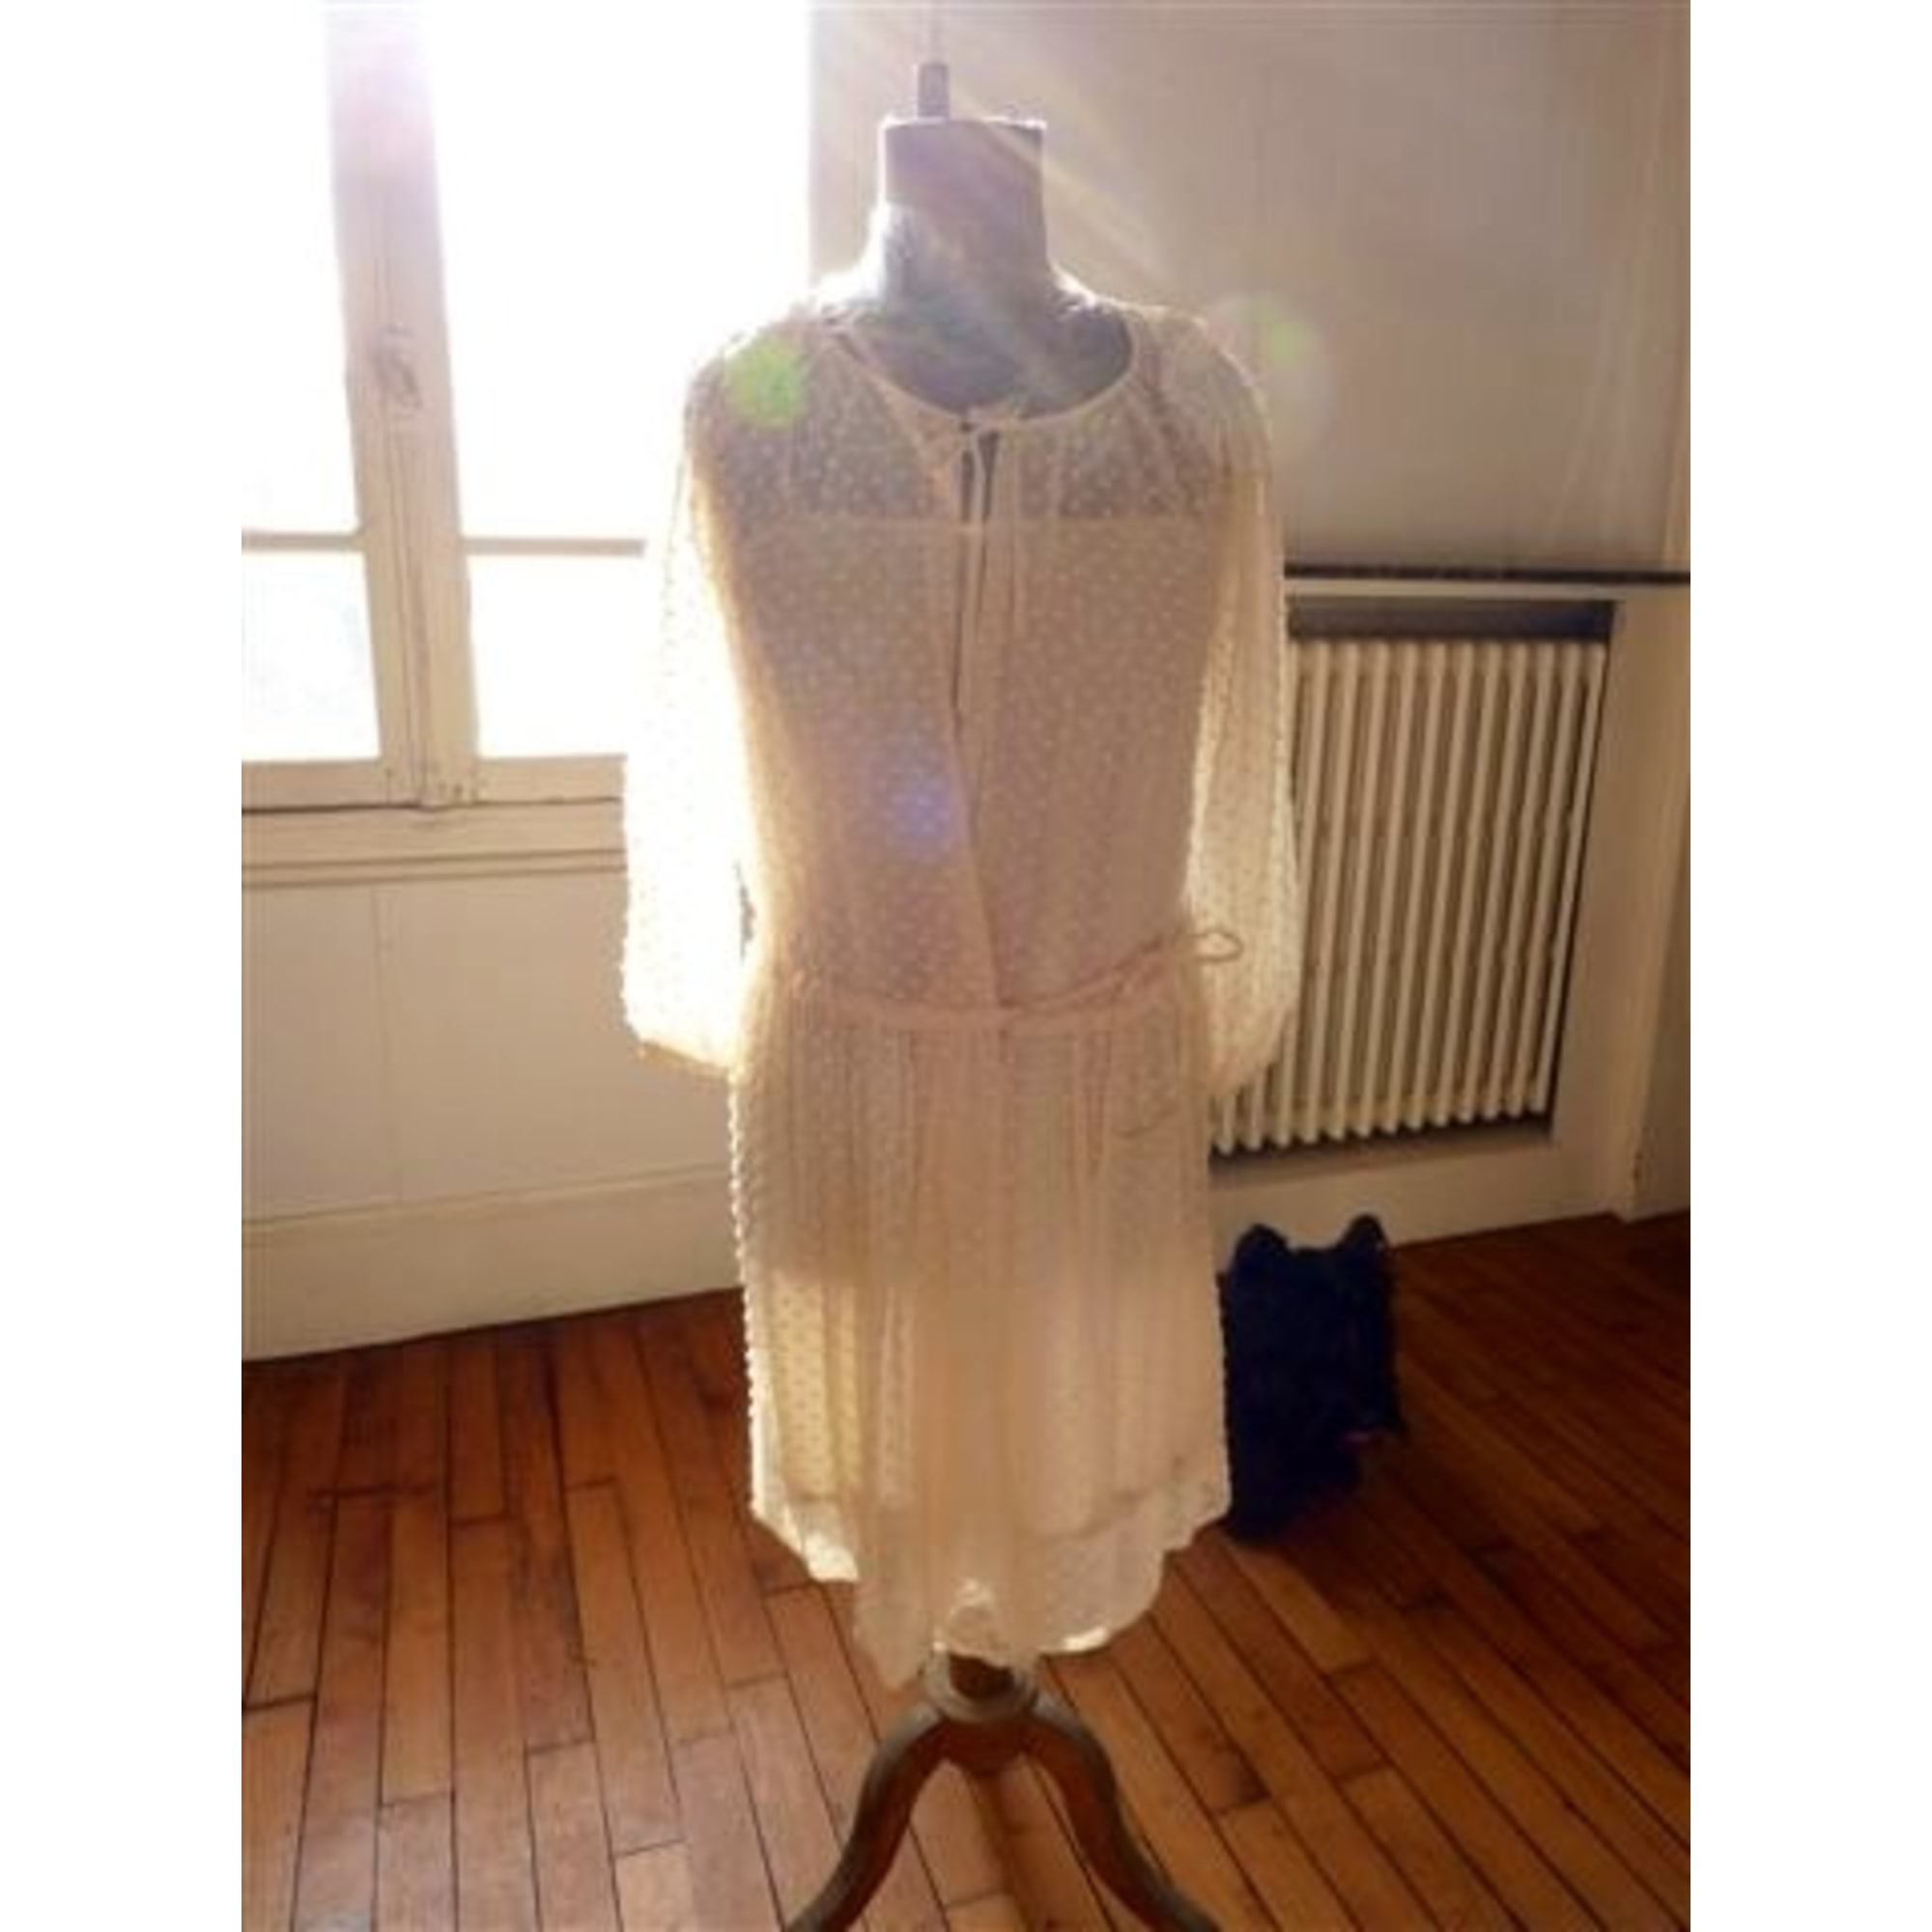 Robe Courte Athe Vanessa Bruno 36 S T1 Blanc Vendu Par D Ann Vu Par Carl80117 2429763